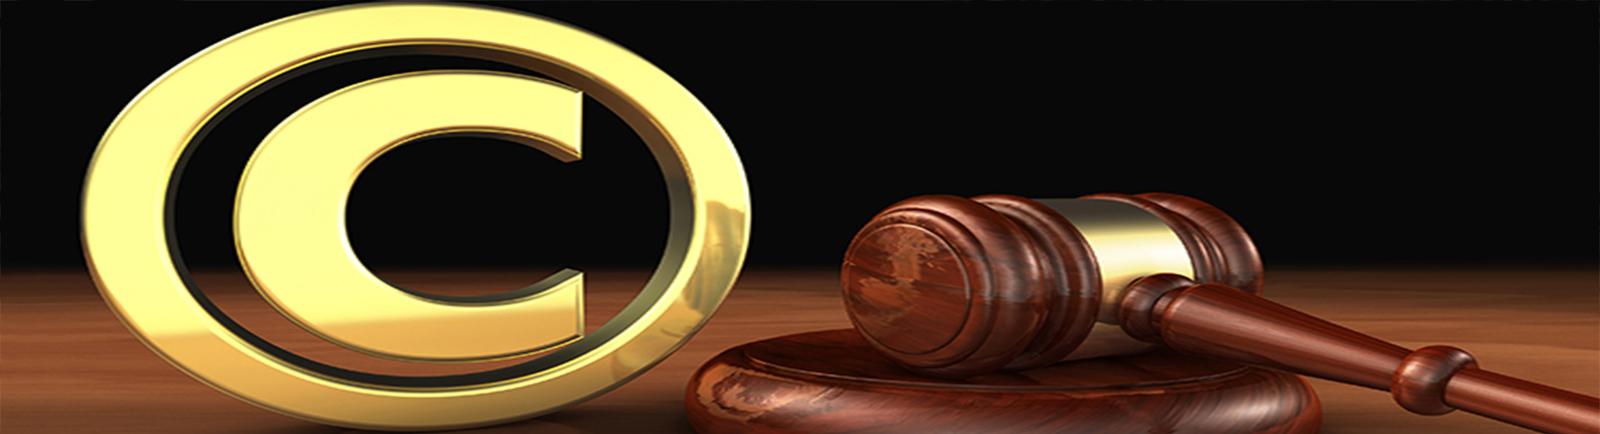 <p>Marka patent ve fikri sınaî haklarınız ile ilgili, alanında uzman hukuk danışmanlarımızla birlikte haklarınız araştırılmakta ve takip edilmektedir. Marka ve patentiniz aleyhinde art niyetli davranan kurum, kuruluş ve kişilerin tespiti ve bu konuyla ilgili yasal işlemlerin başlatılması, hukuki sürecin takibi ve sonuçlandırılması hukuk danışmanlarımız tarafından mevzuata uygun profesyonel bir şekilde sağlanmaktadır. Böylece marka, patent ve fikri sınaî haklarınız hukuki yönden korunarak markalaşmanız ve ticari faaliyetleriniz güvenle korunmaktadır. Ayrıca marka isminiz, patent ve fikri sınaî haklarınız ile ilgili ihlaller sanal ortamda da teknik olarak araştırılmaktadır. Haklarınızın ihlal edilmesi durumunda TPE ve TC. Ticari Mahkemeler nezdinde gerekli itirazların ve ihtarların yapılması, hukuki sürecin başlatılması sağlanmaktadır. Bütün takip ve araştırma işlemleri titizlikle yürütülerek sonuç odaklı danışmanlık hizmeti verilmektedir.</p>